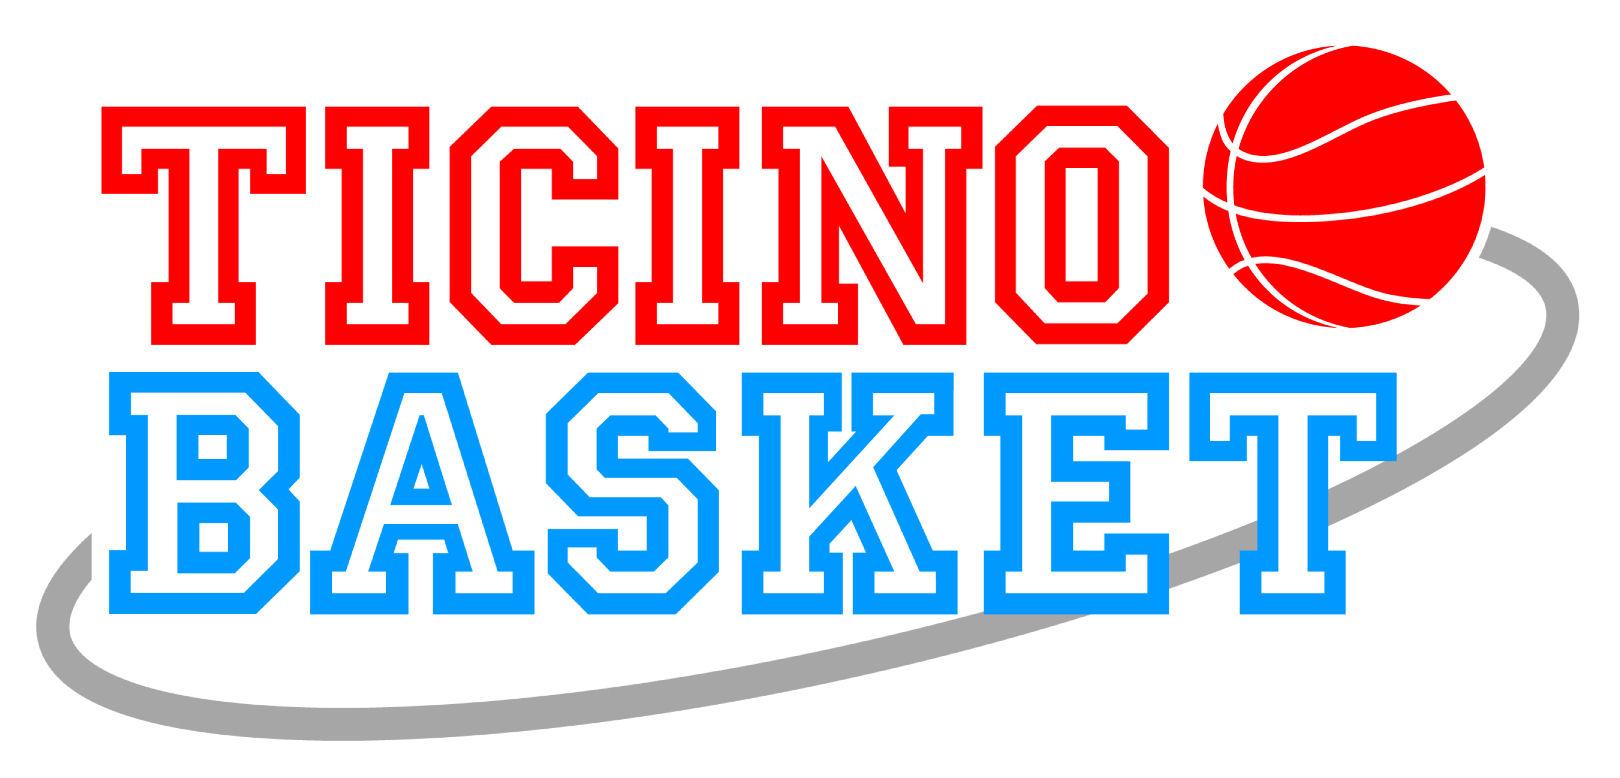 LogoTicino-Basket_Color 2.jpg